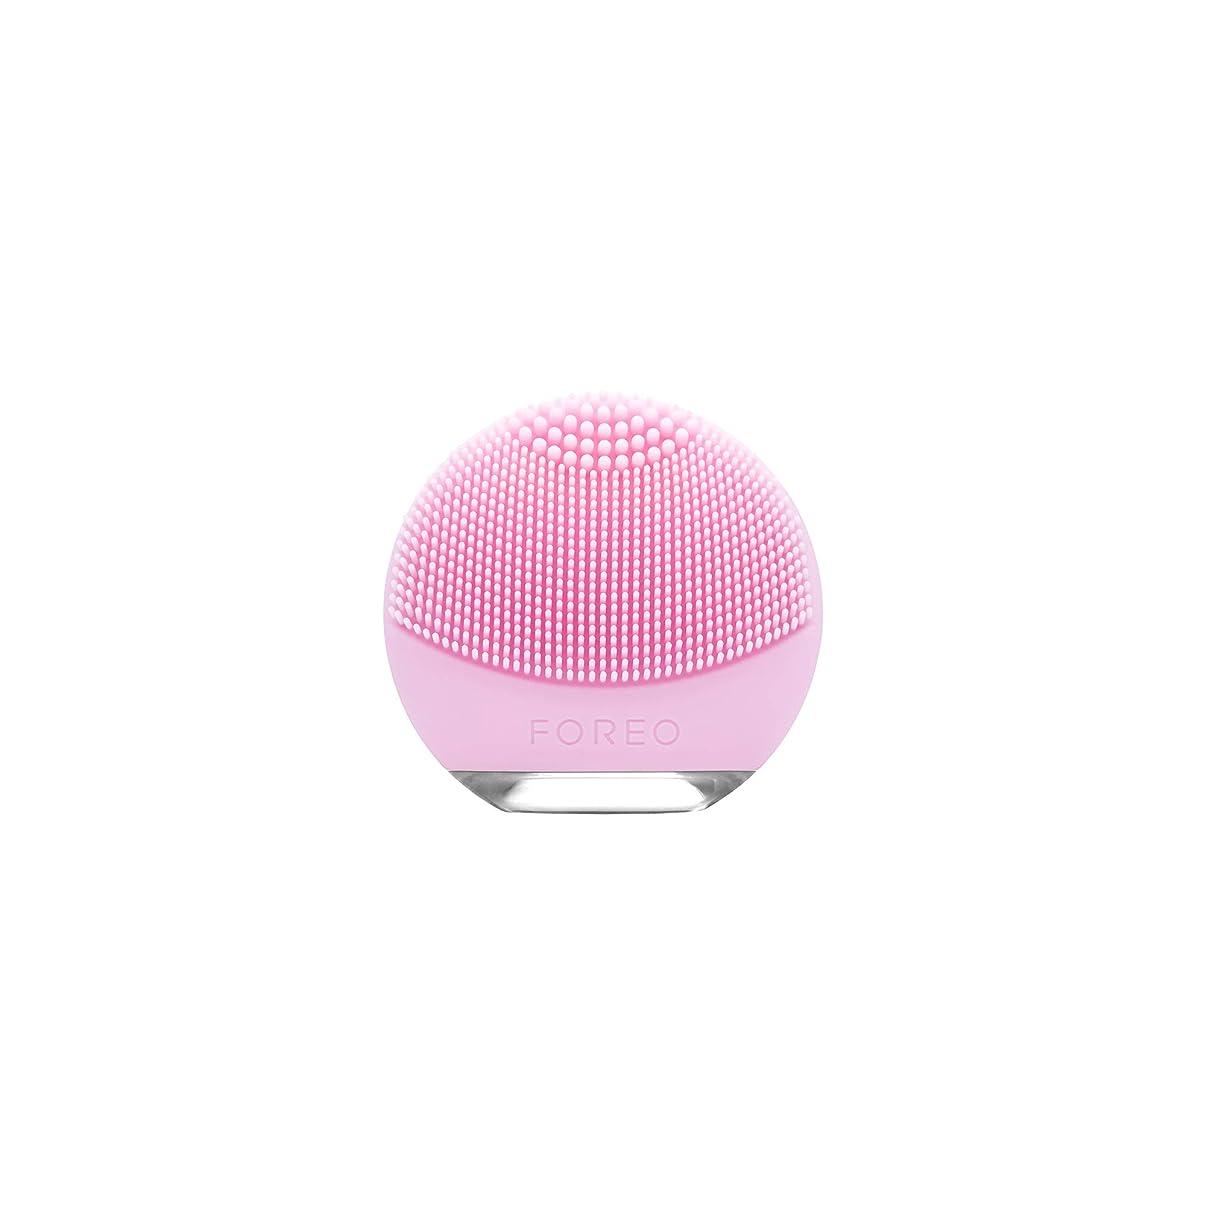 チャップ生き残り手つかずのFOREO LUNA go for ノーマルスキン 電動洗顔ブラシ シリコーン製 音波振動 エイジングケア※